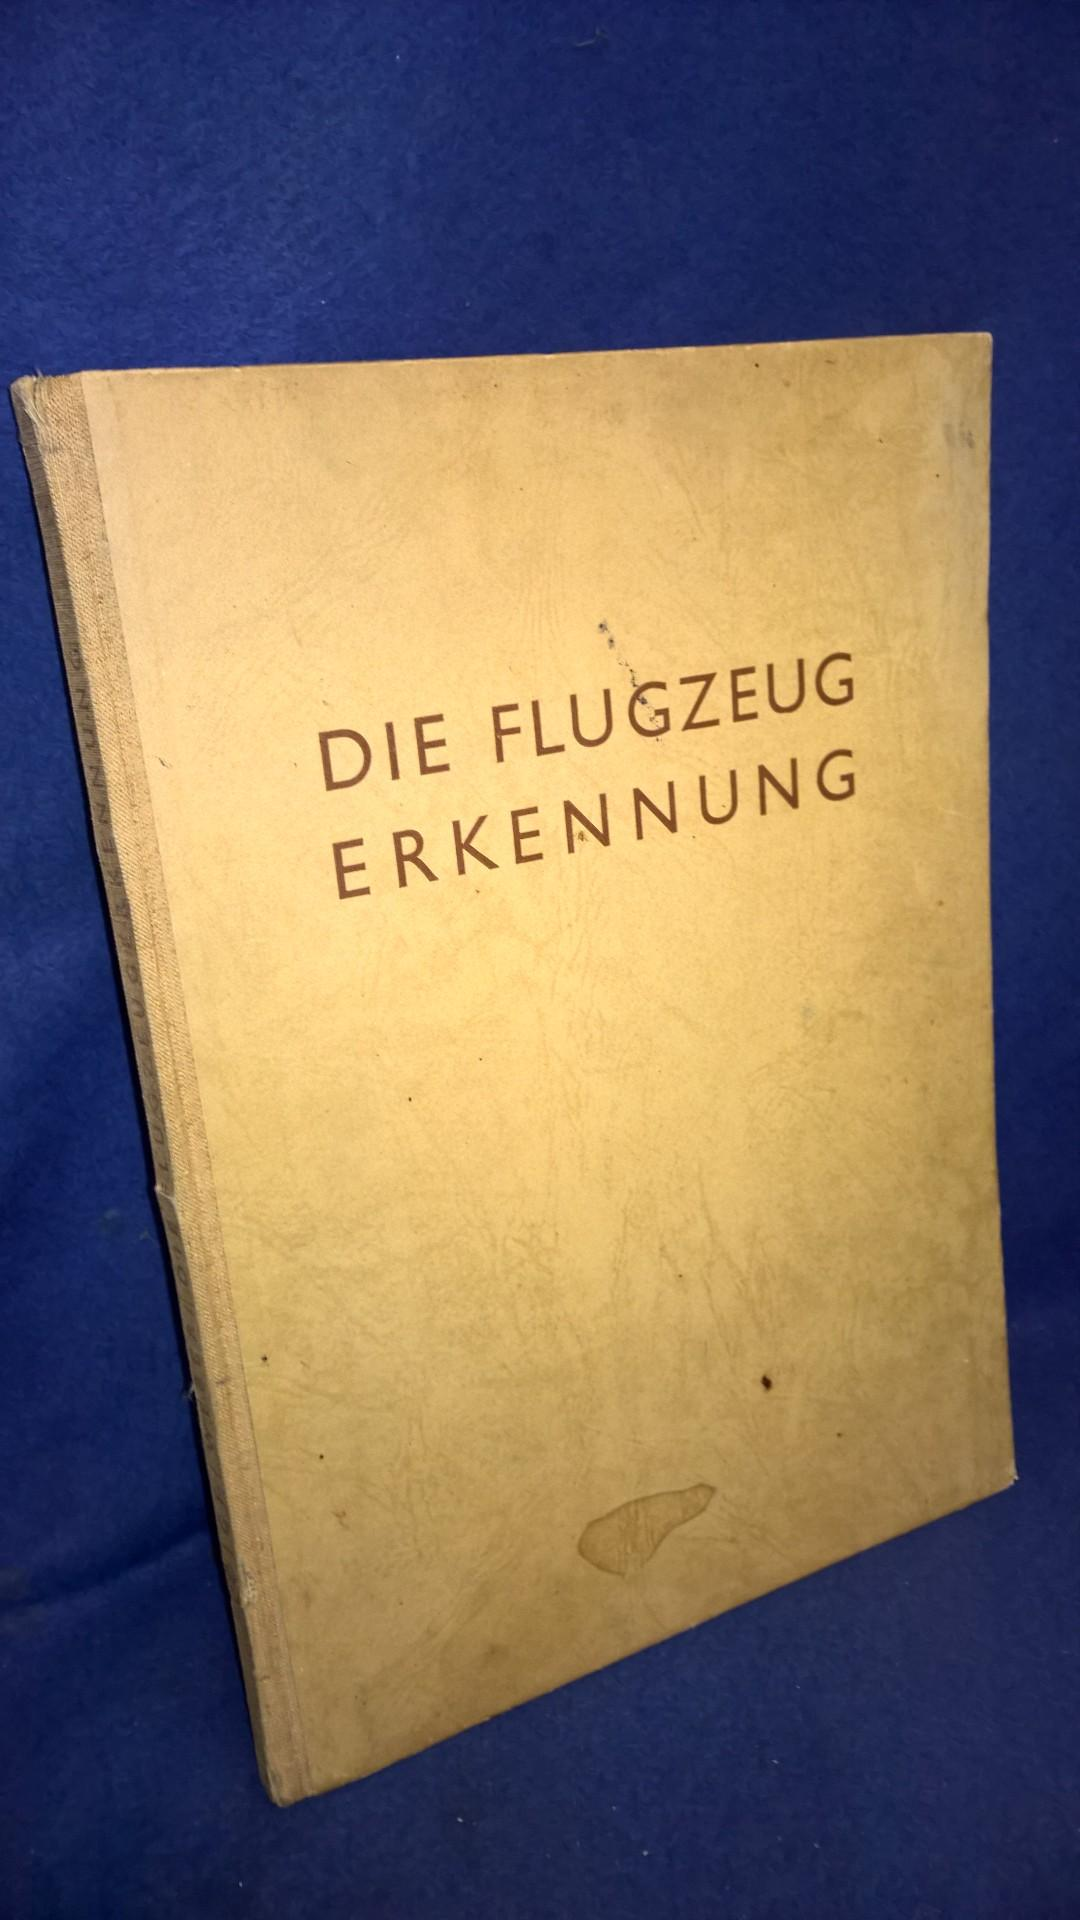 DIE FLUGZEUGERKENNUNG. Herausgegeben im Auftrage des Reichsministers der Luftfahrt und Oberbefehlshabers der Luftwaffe General der Flakwaffe (L. IN. 4)